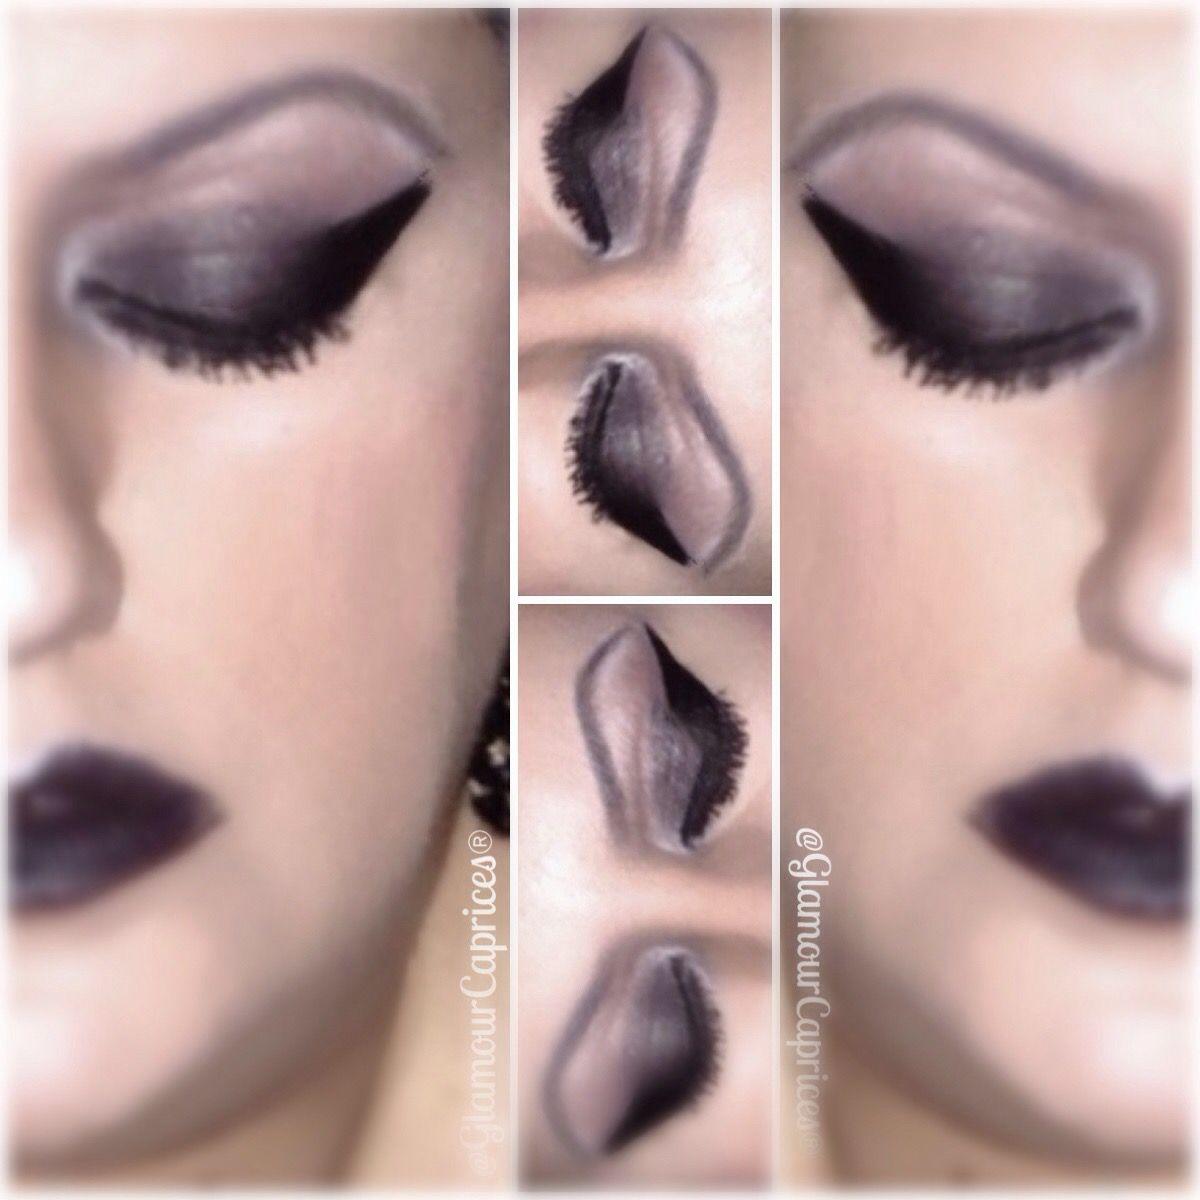 #makeupoftheday #avon #eyeshadows #blackeyeliner #kiko #blacklipstick #stargazer